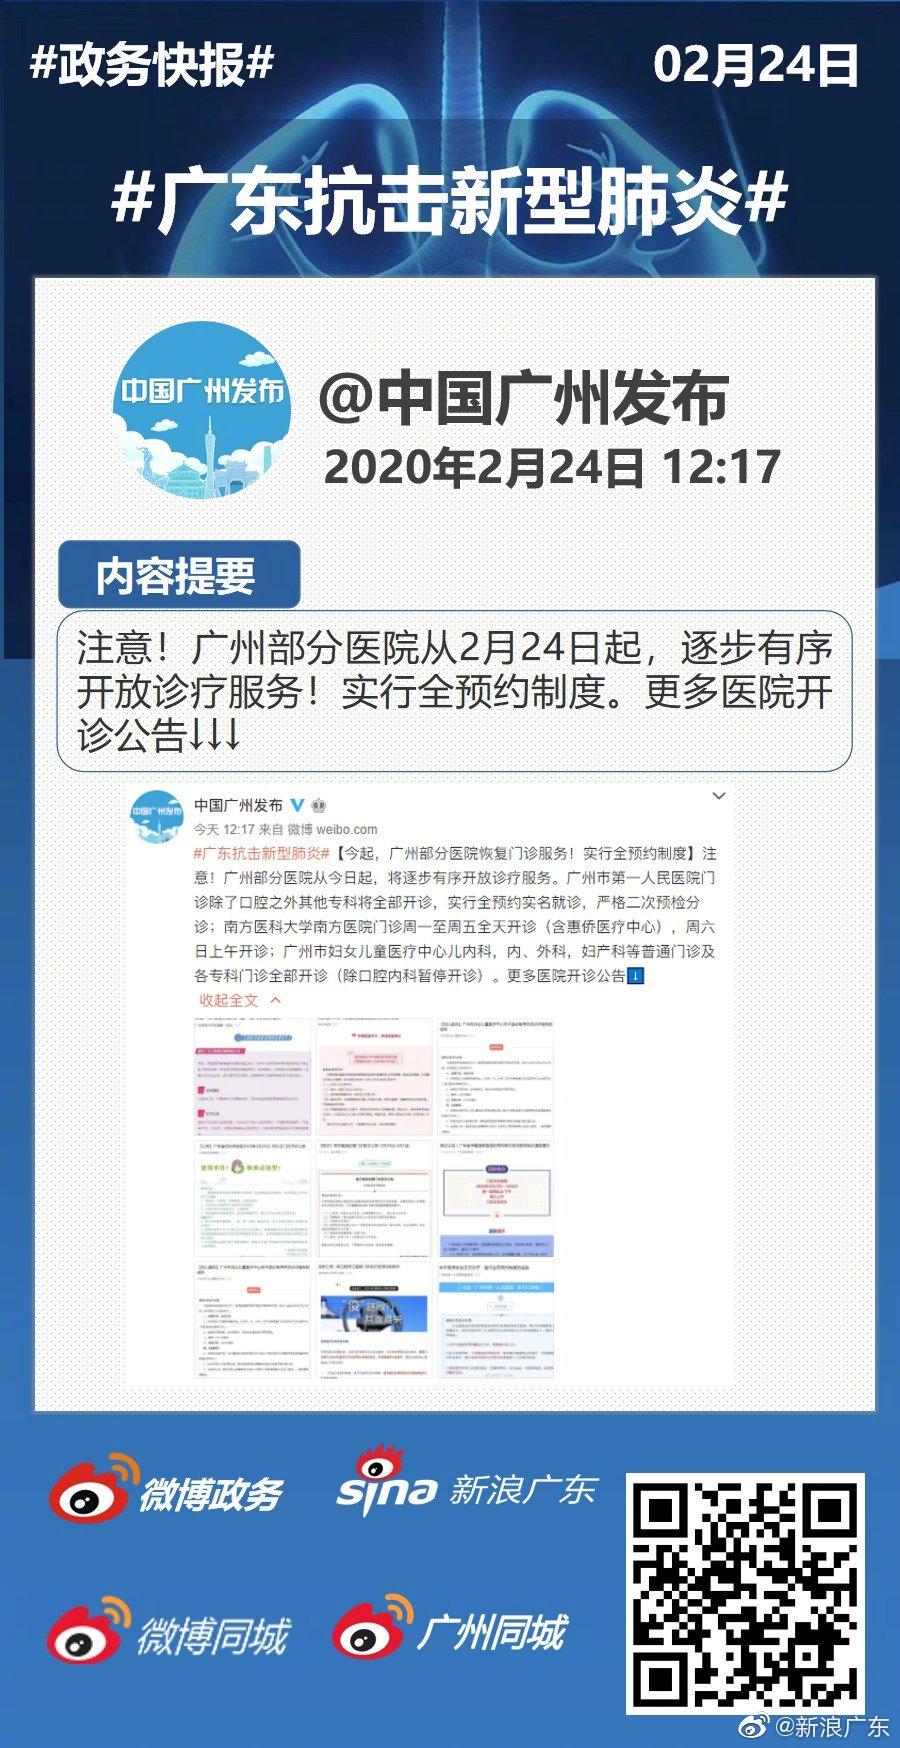 注意!广州部分医院从2月24日起,逐步有序开放诊疗服务